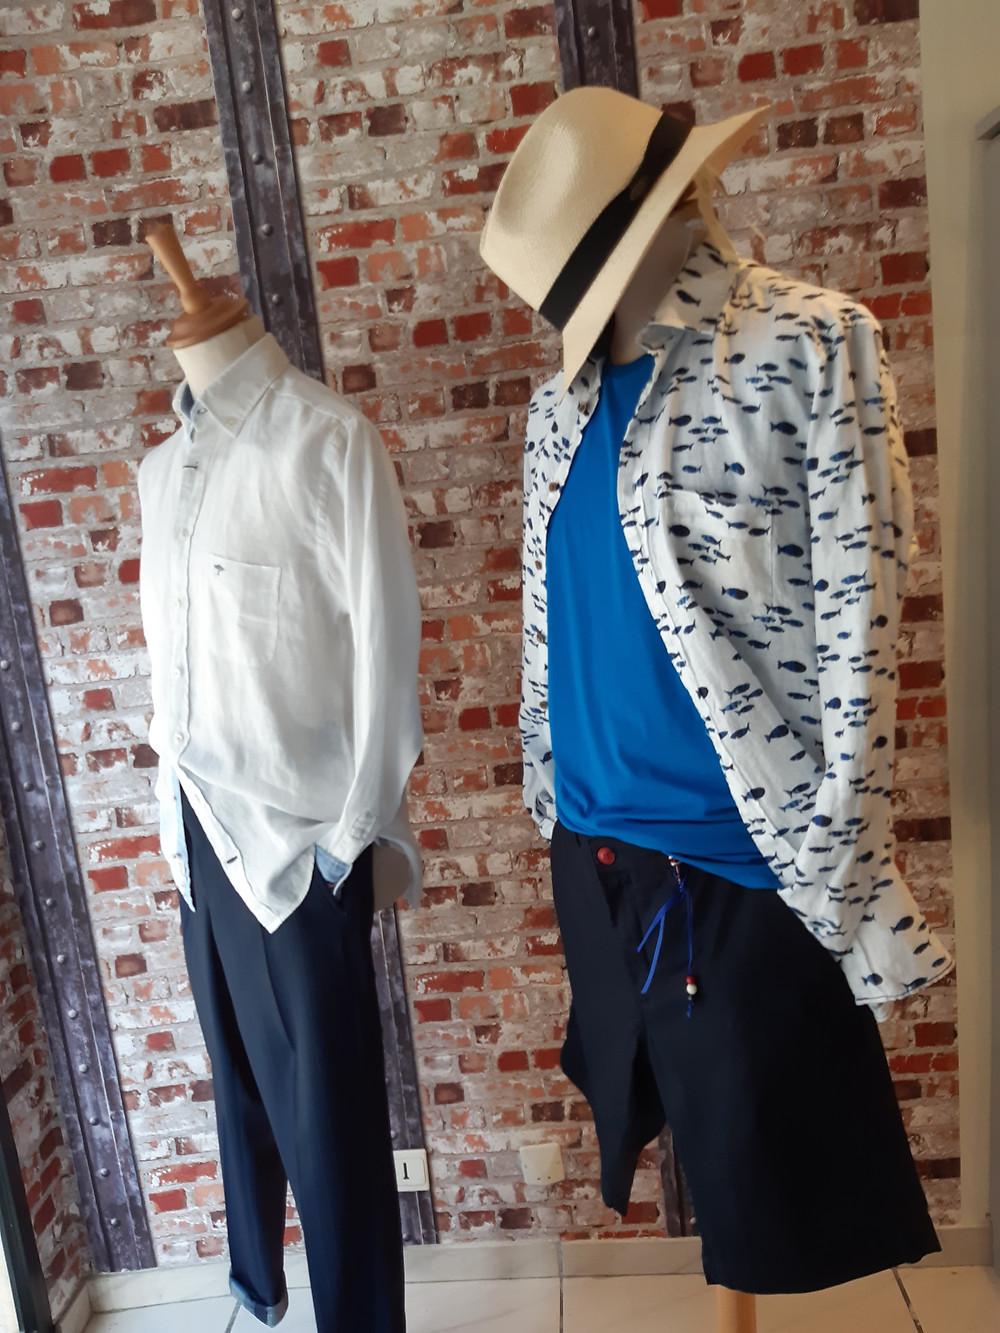 Chemises en lin, facile à porter, s'insèrent sans problème avec des pièces habillées.